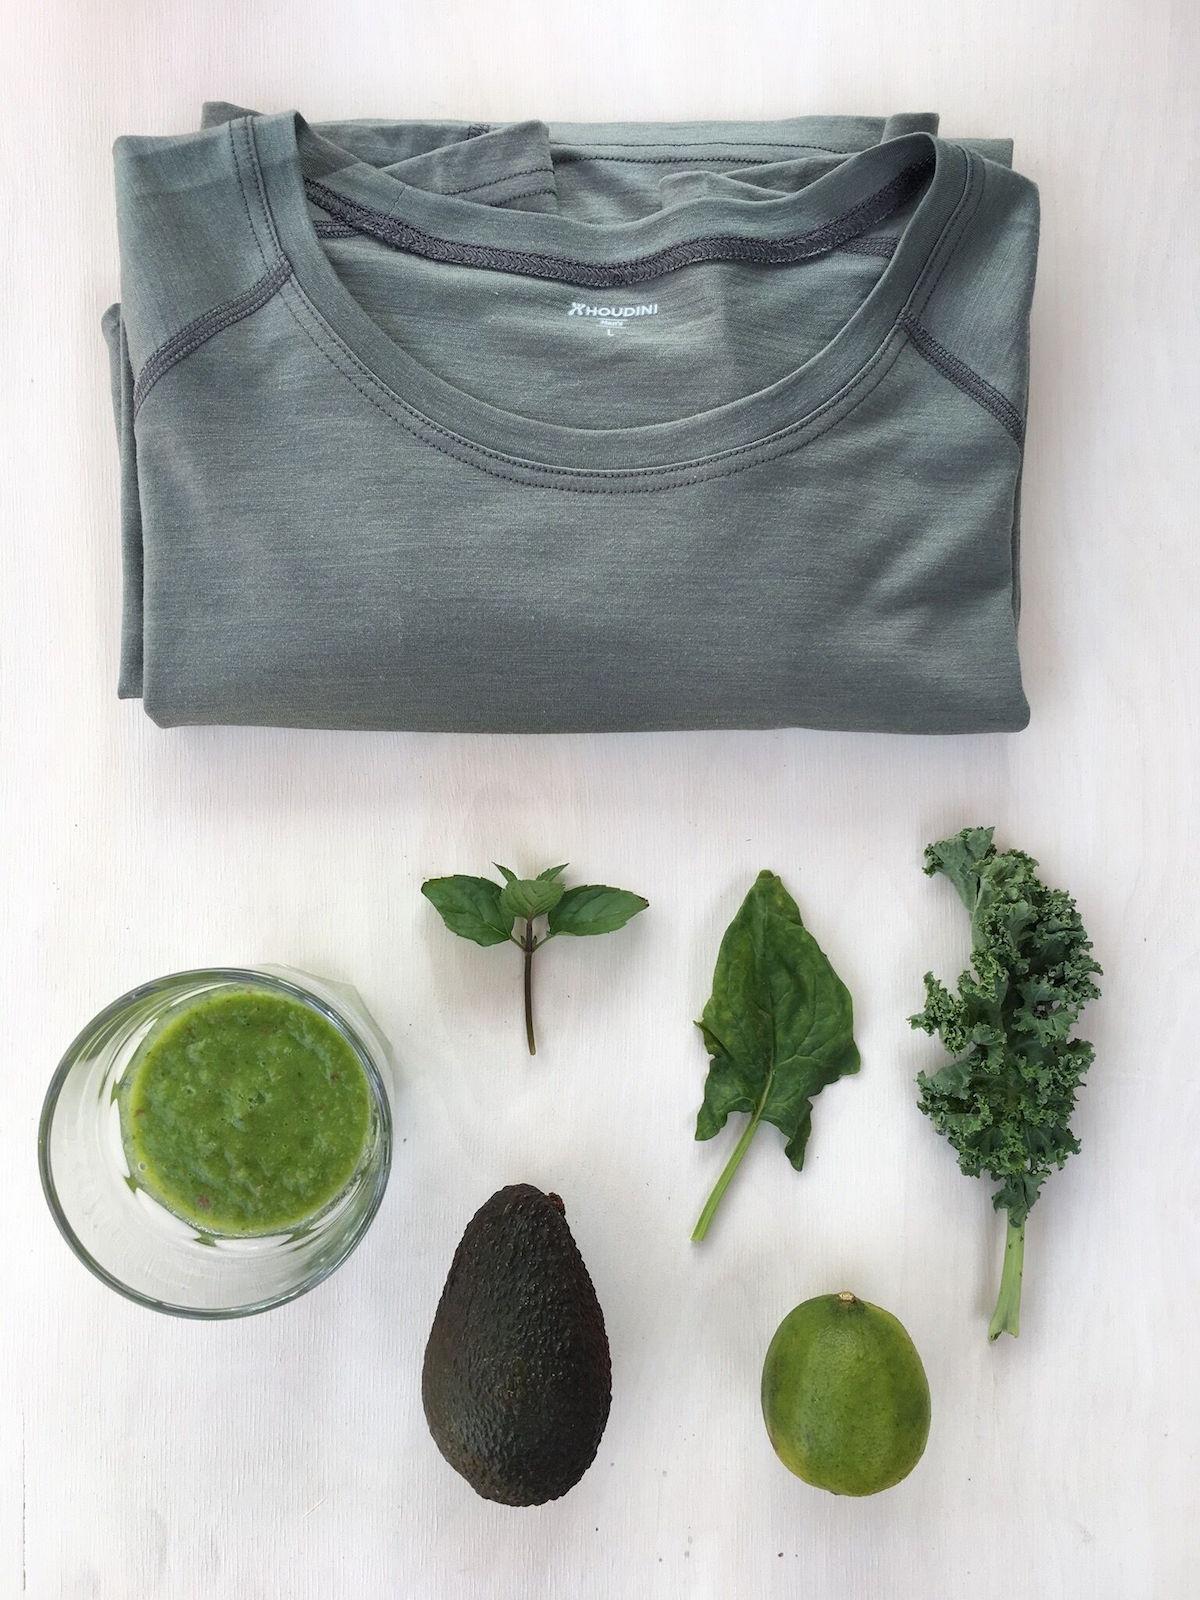 Houdini zaubert weltweit erstes veganes Menü aus kompostierter Sportswear